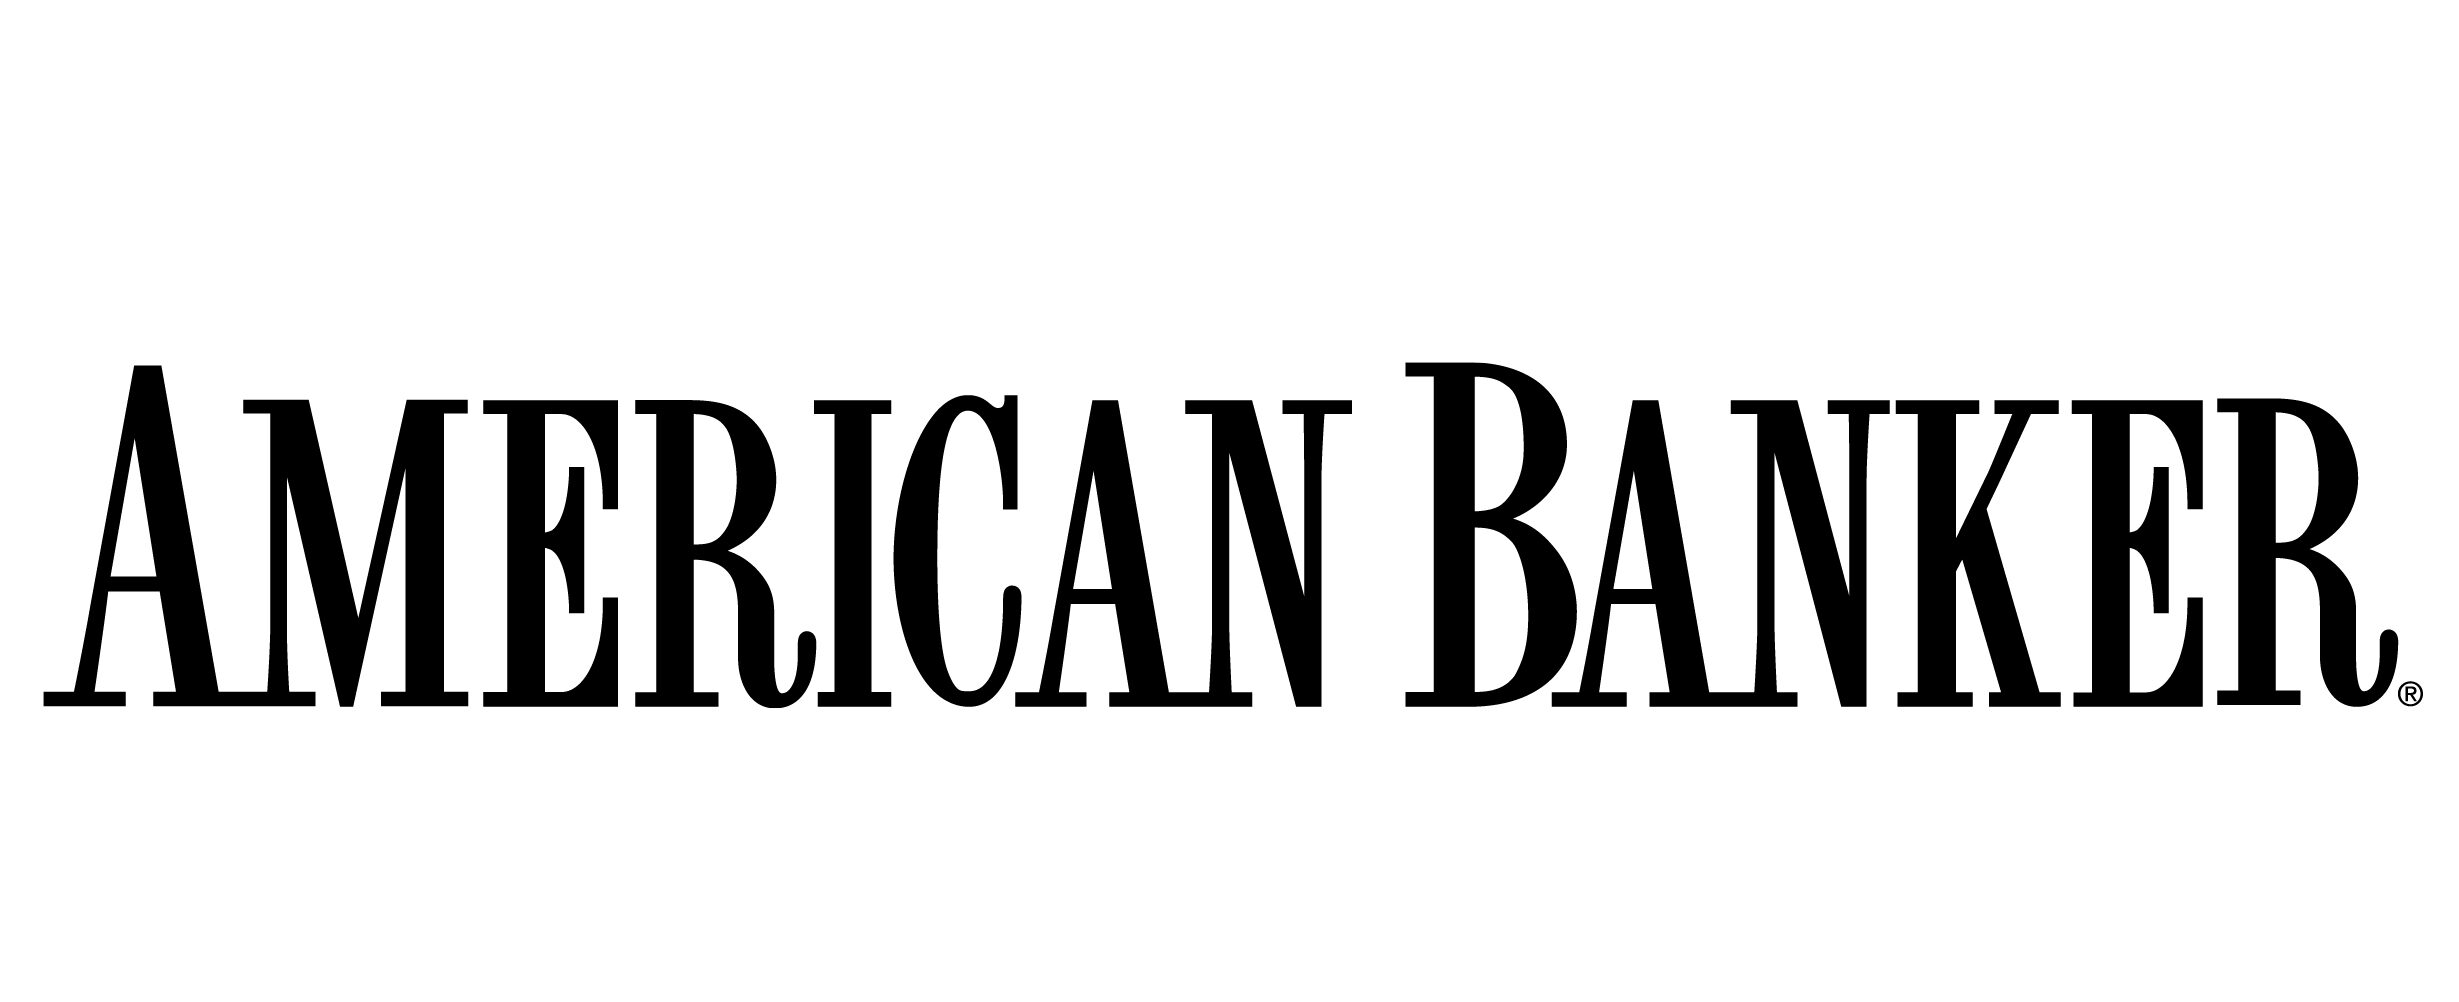 American Banker Logo - Clean Energy